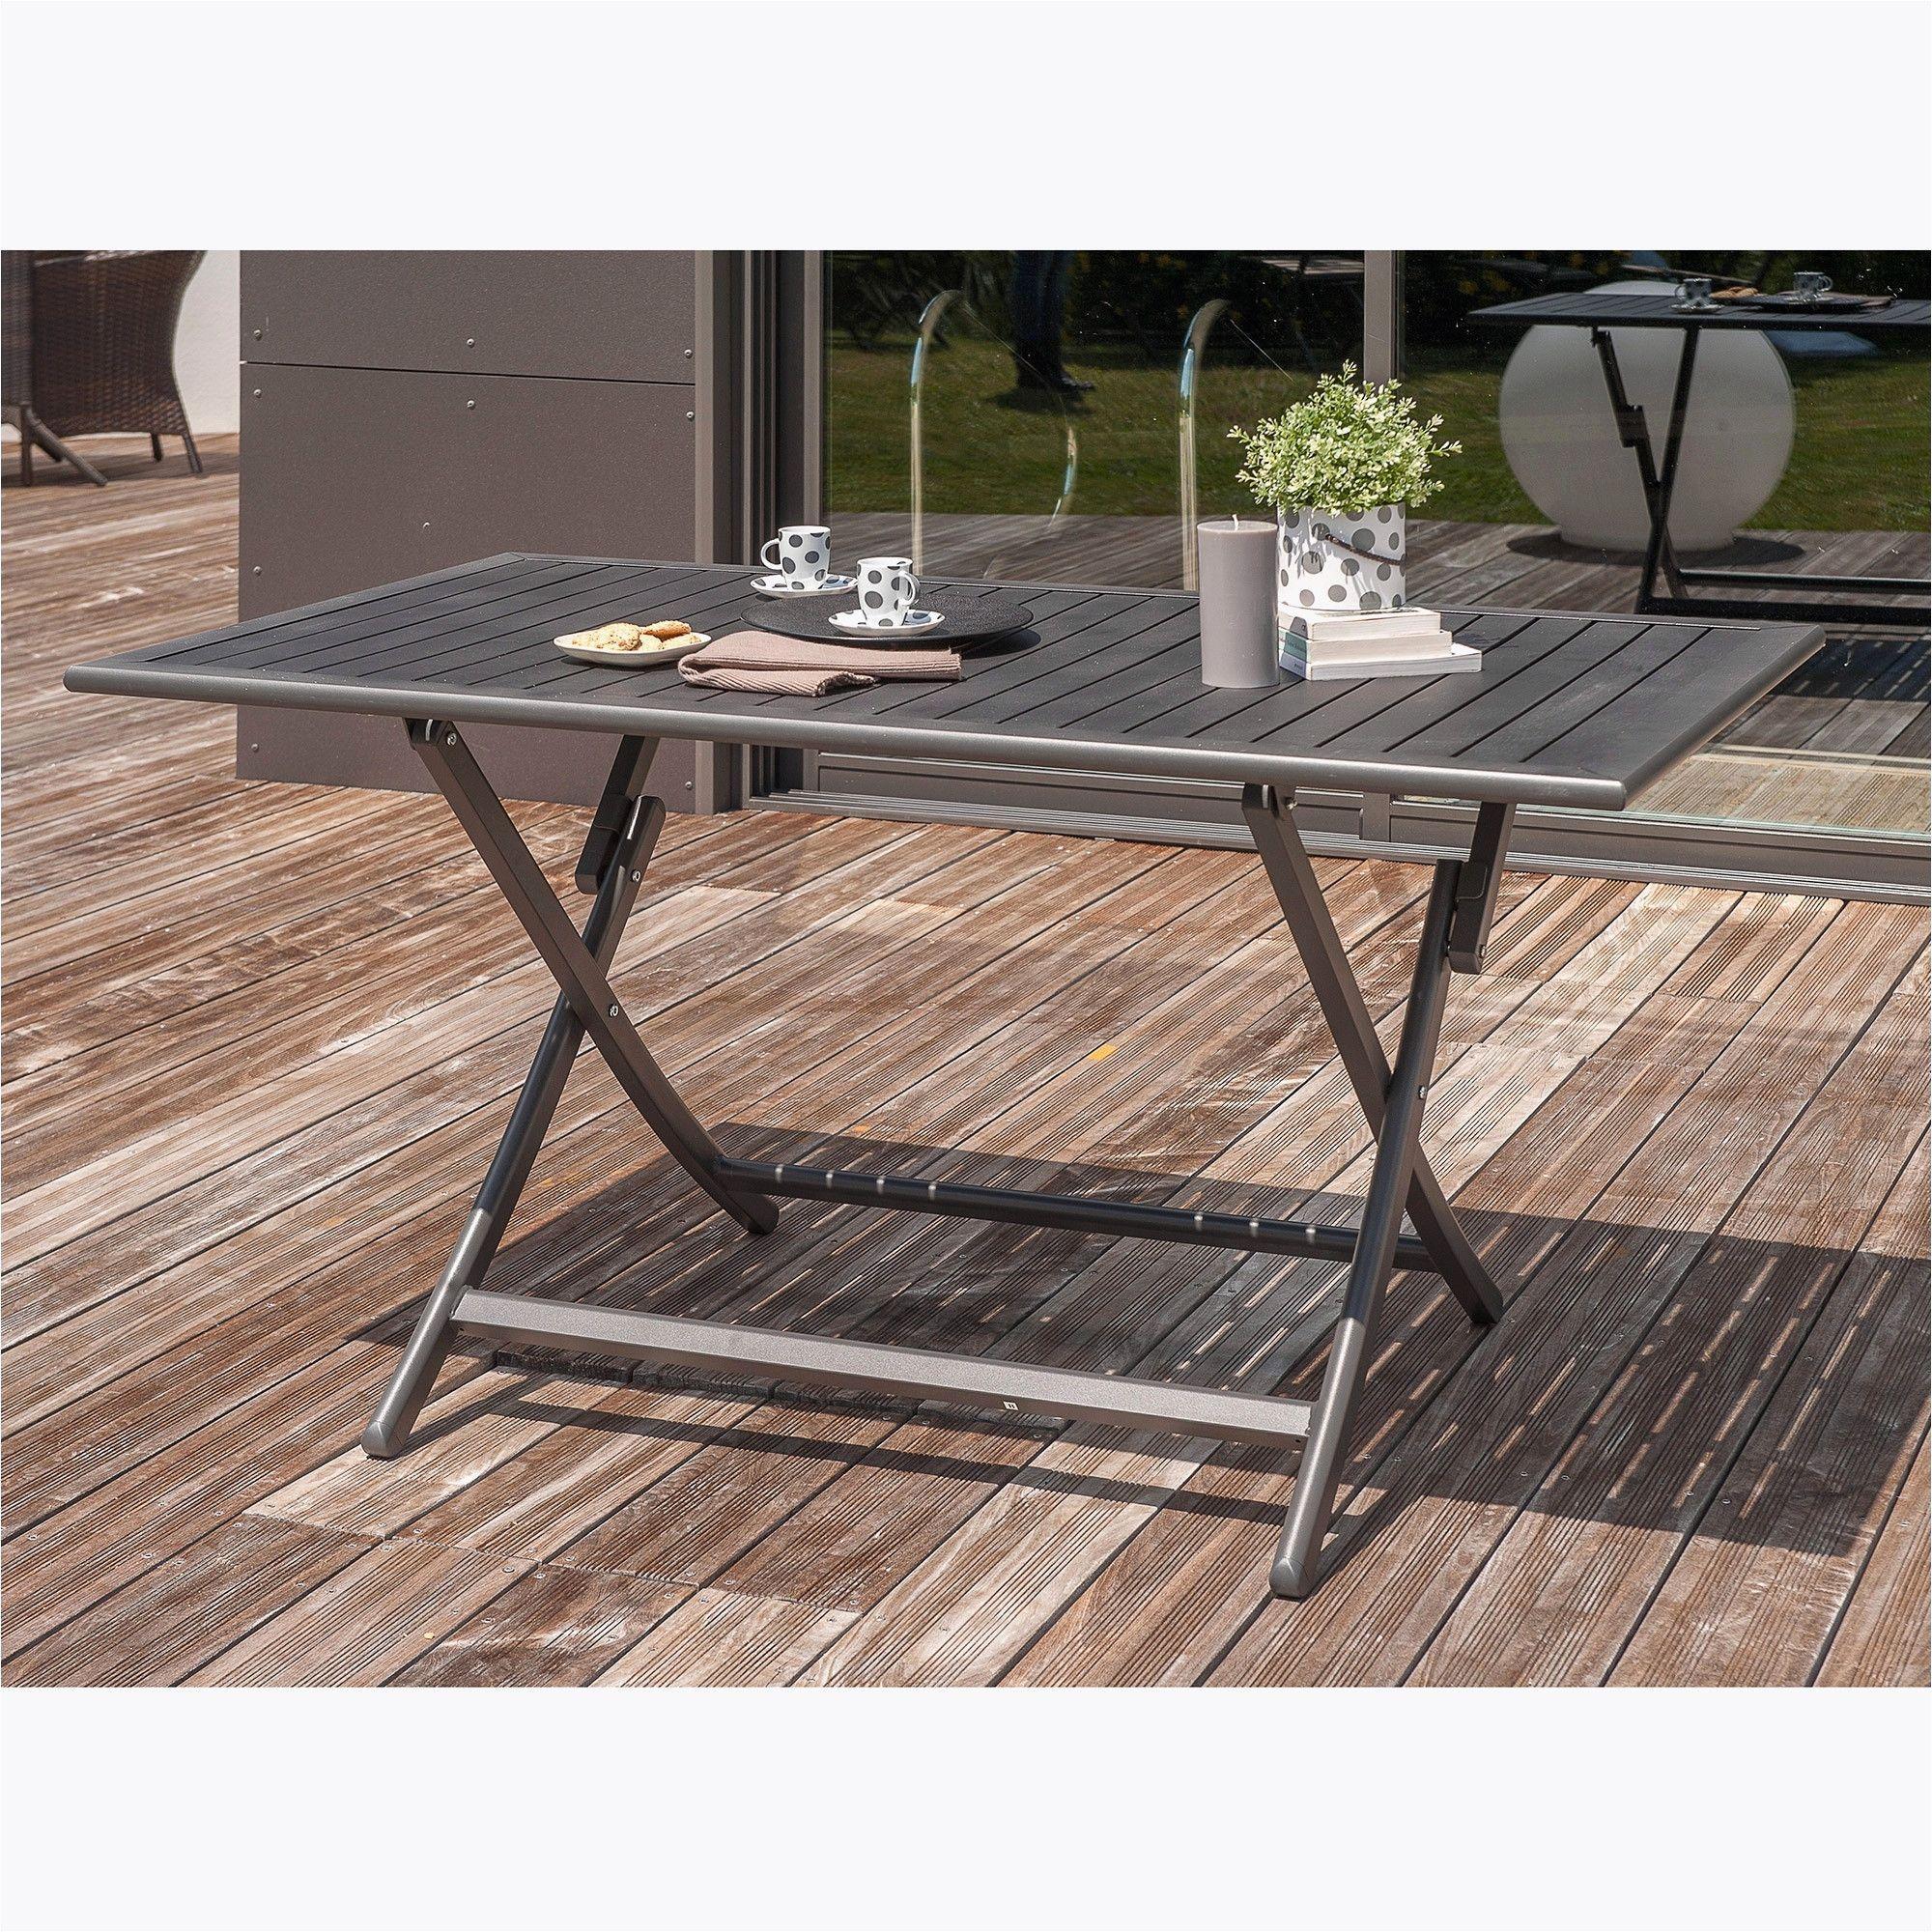 Salon De Jardin En Acacia Inspirant Table Pliante Leclerc intérieur Table De Jardin Plastique Leclerc